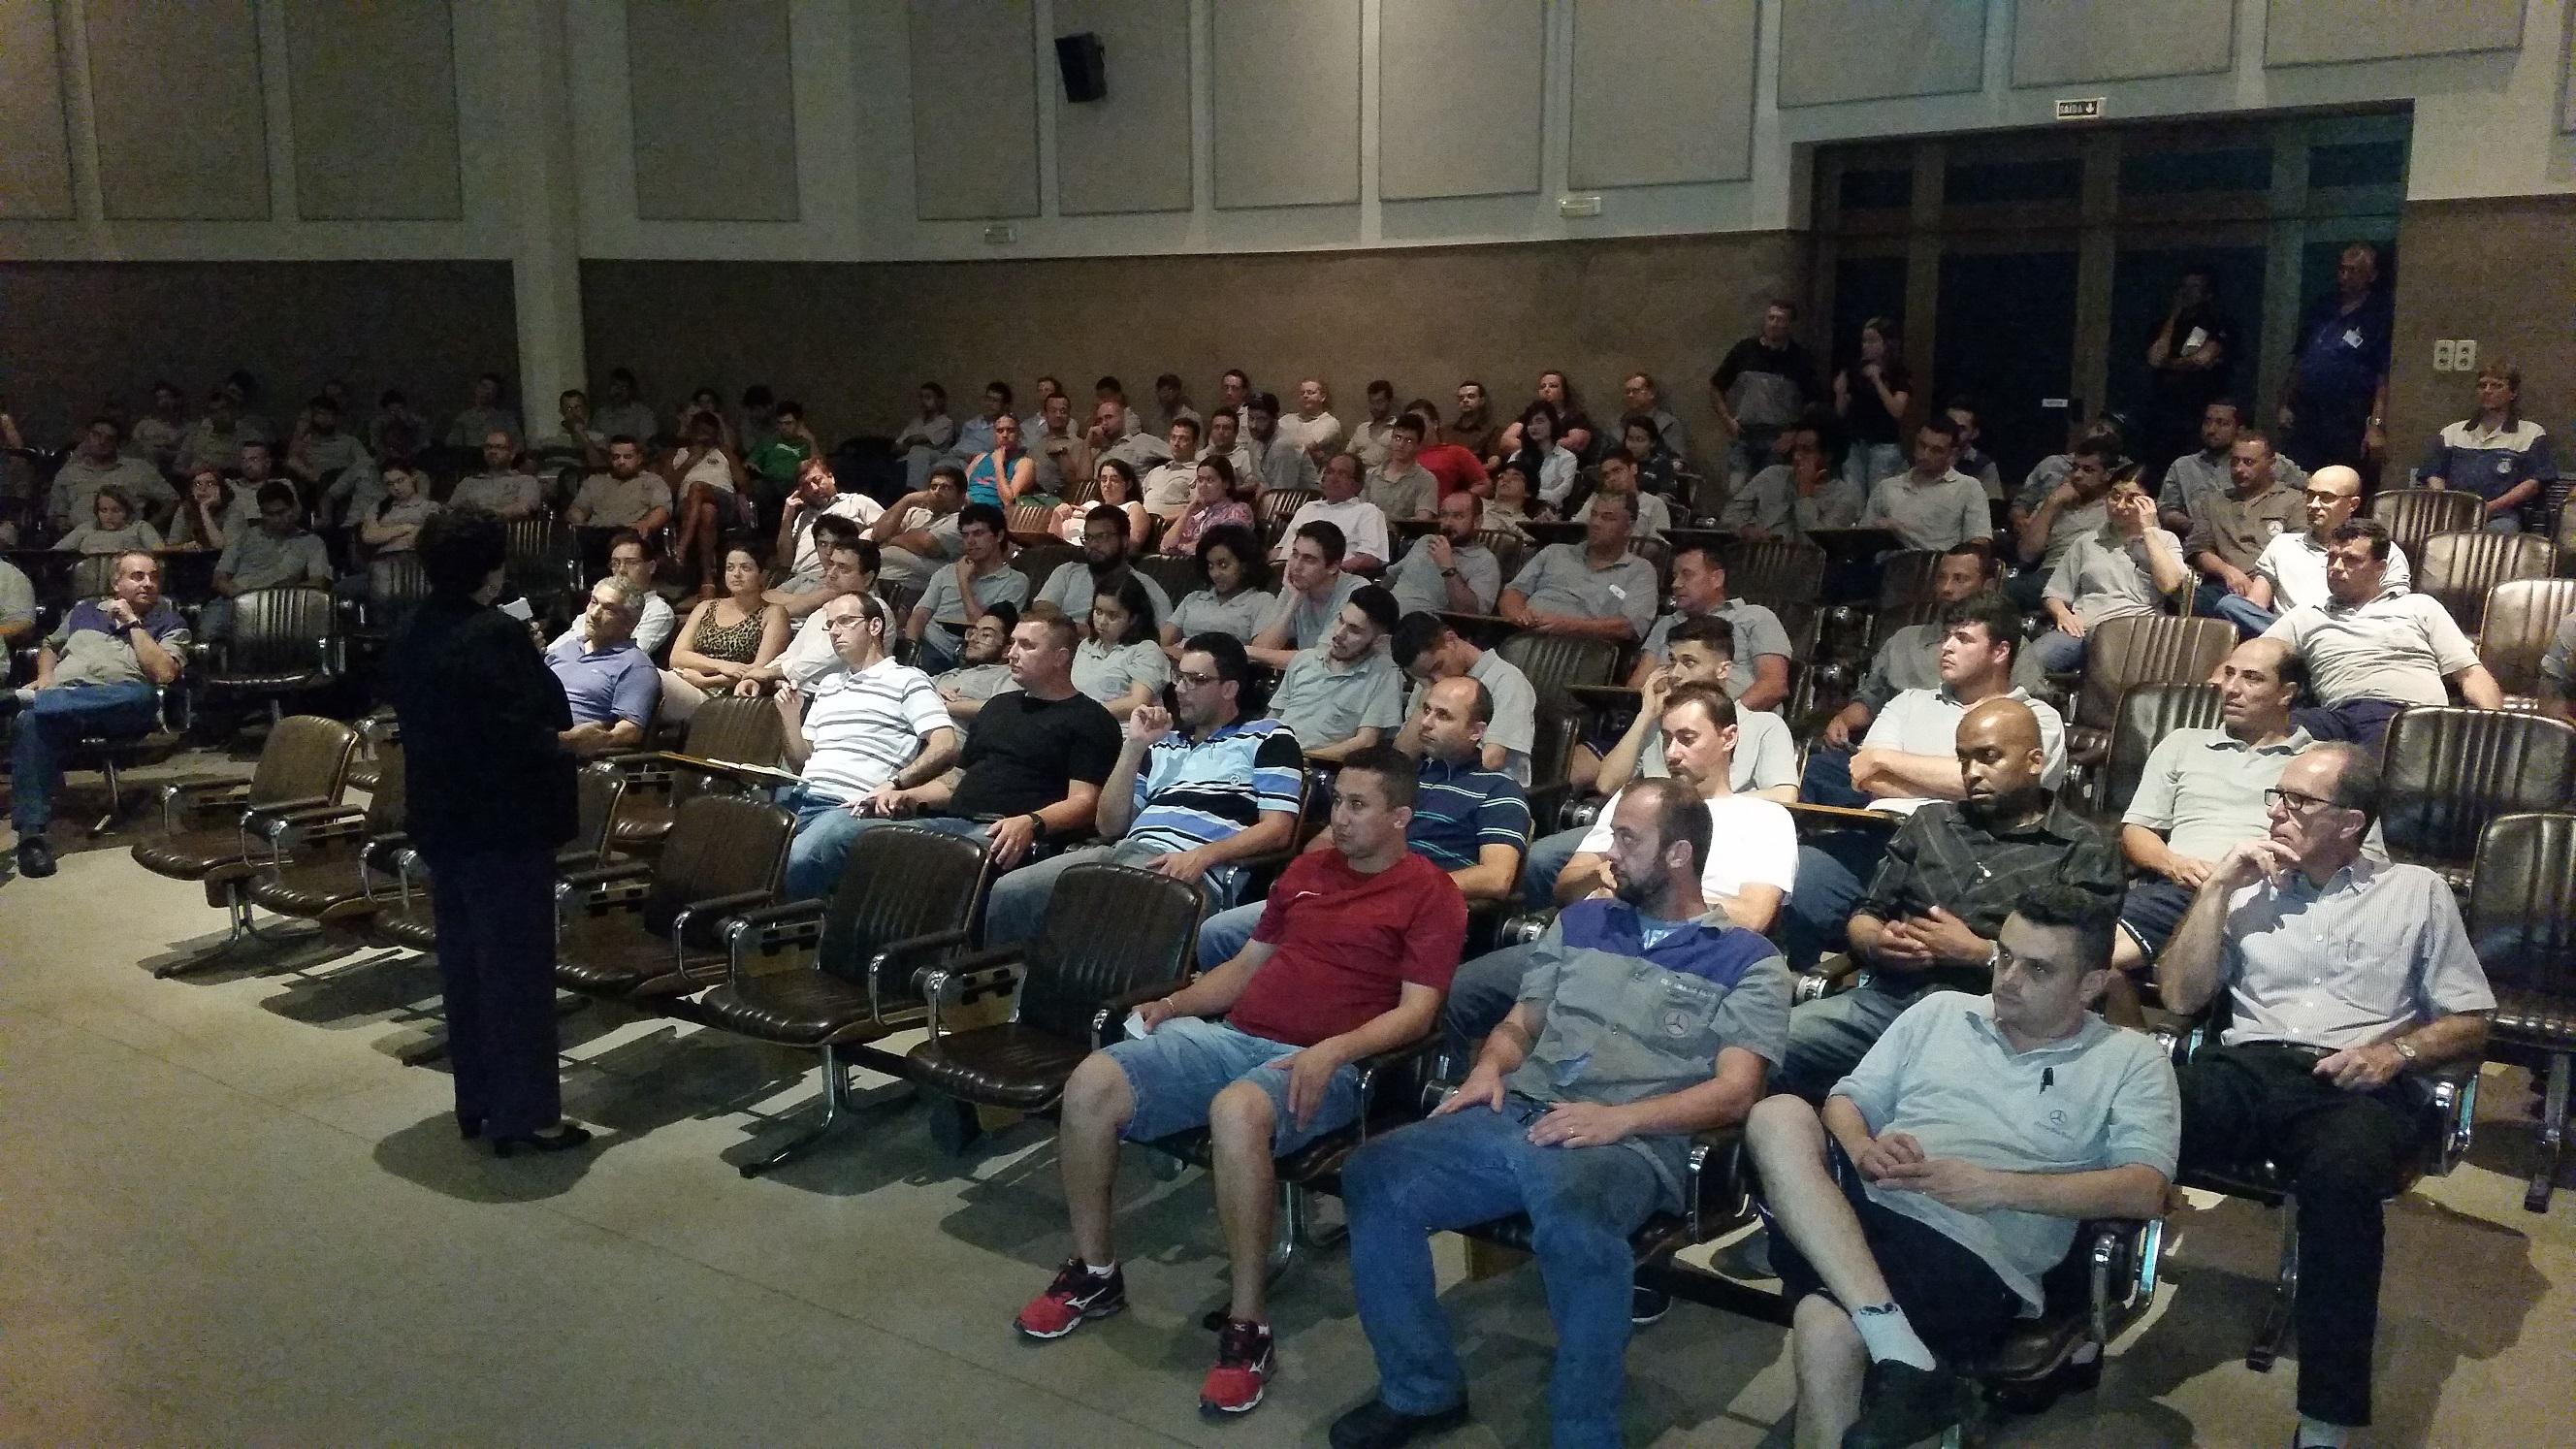 Palestra de Educação Financeira ministrada por Odete Reis aos Funcionários da Mercedes-Benz em SBCampo  - SP